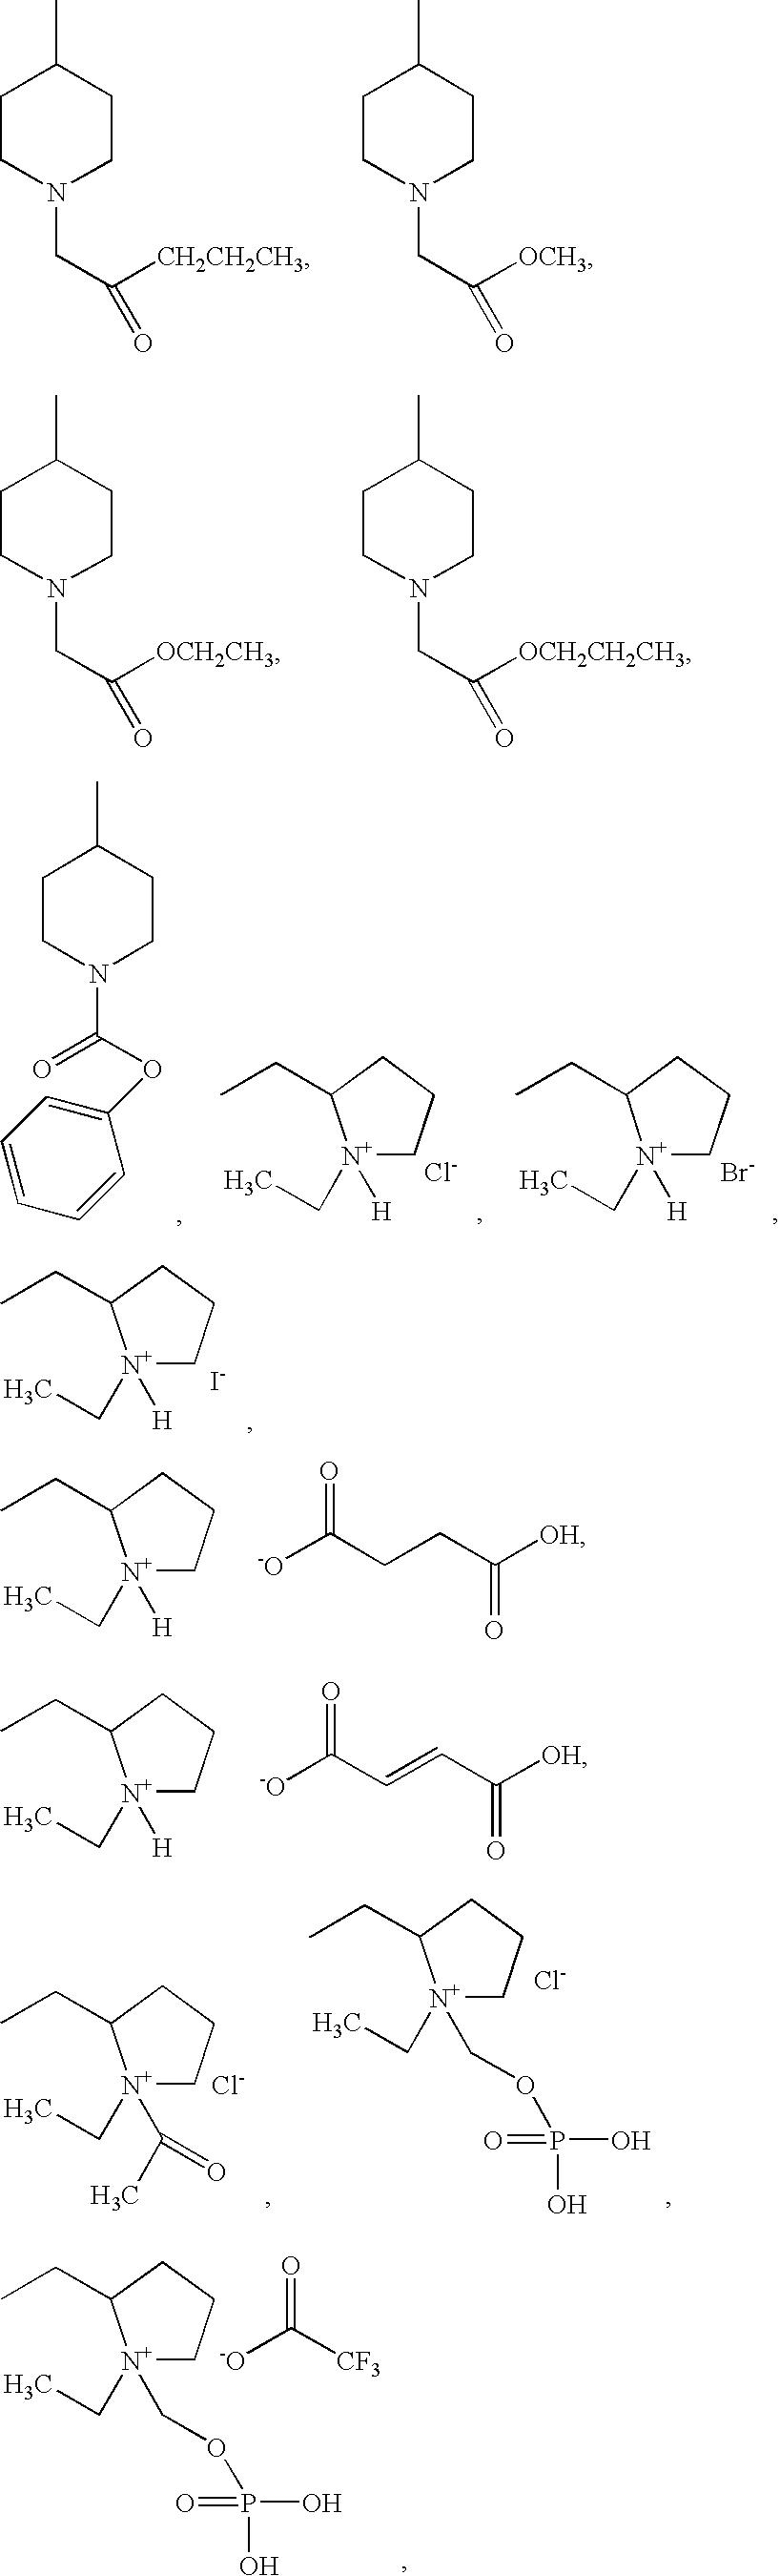 Figure US20050113341A1-20050526-C00061